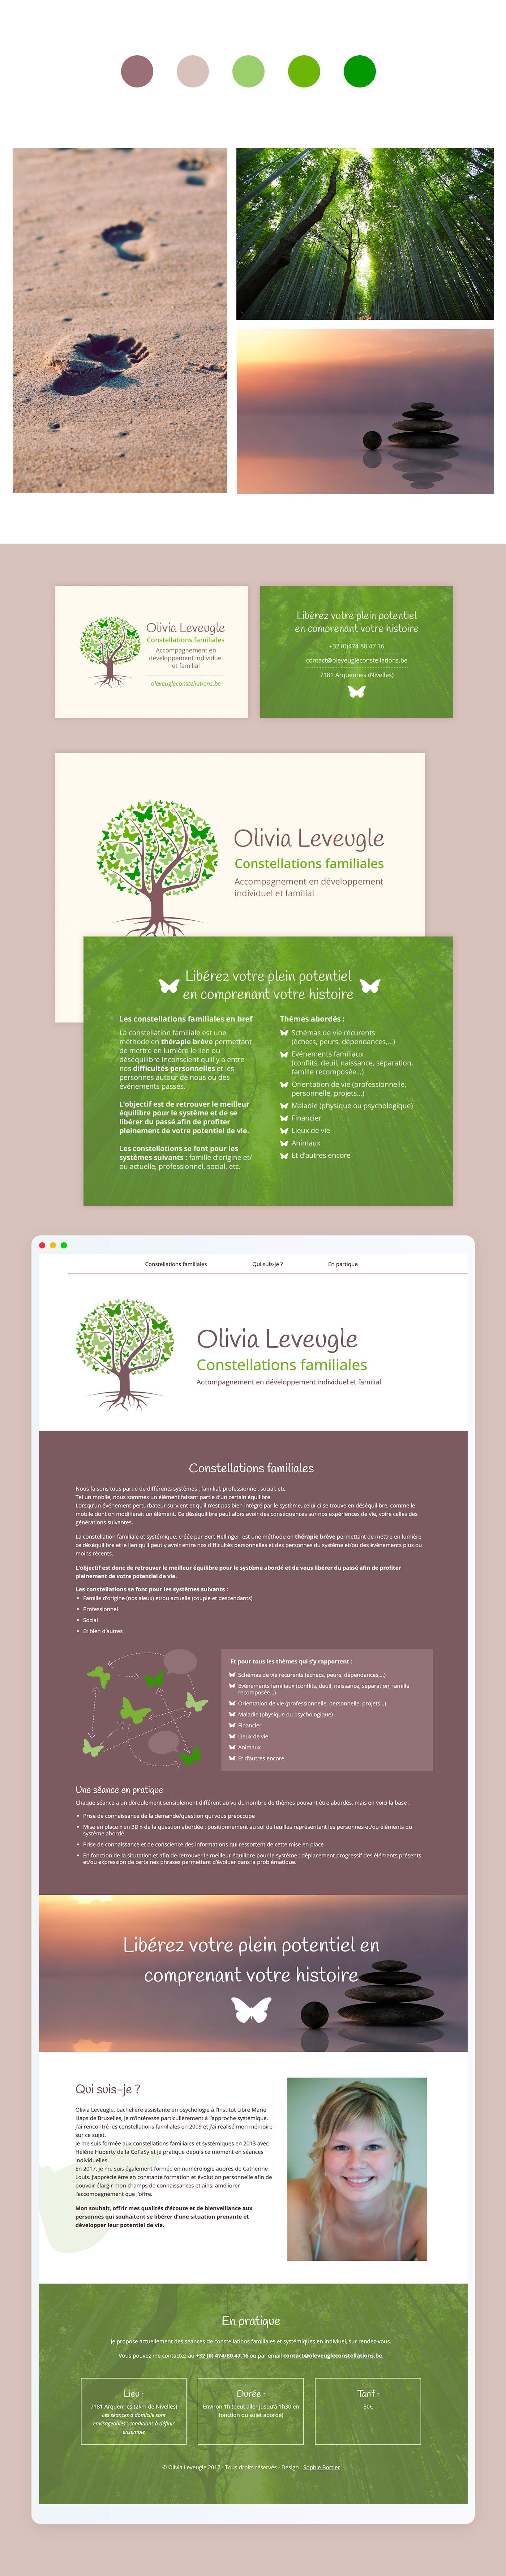 Olivia Leveugle identité graphique